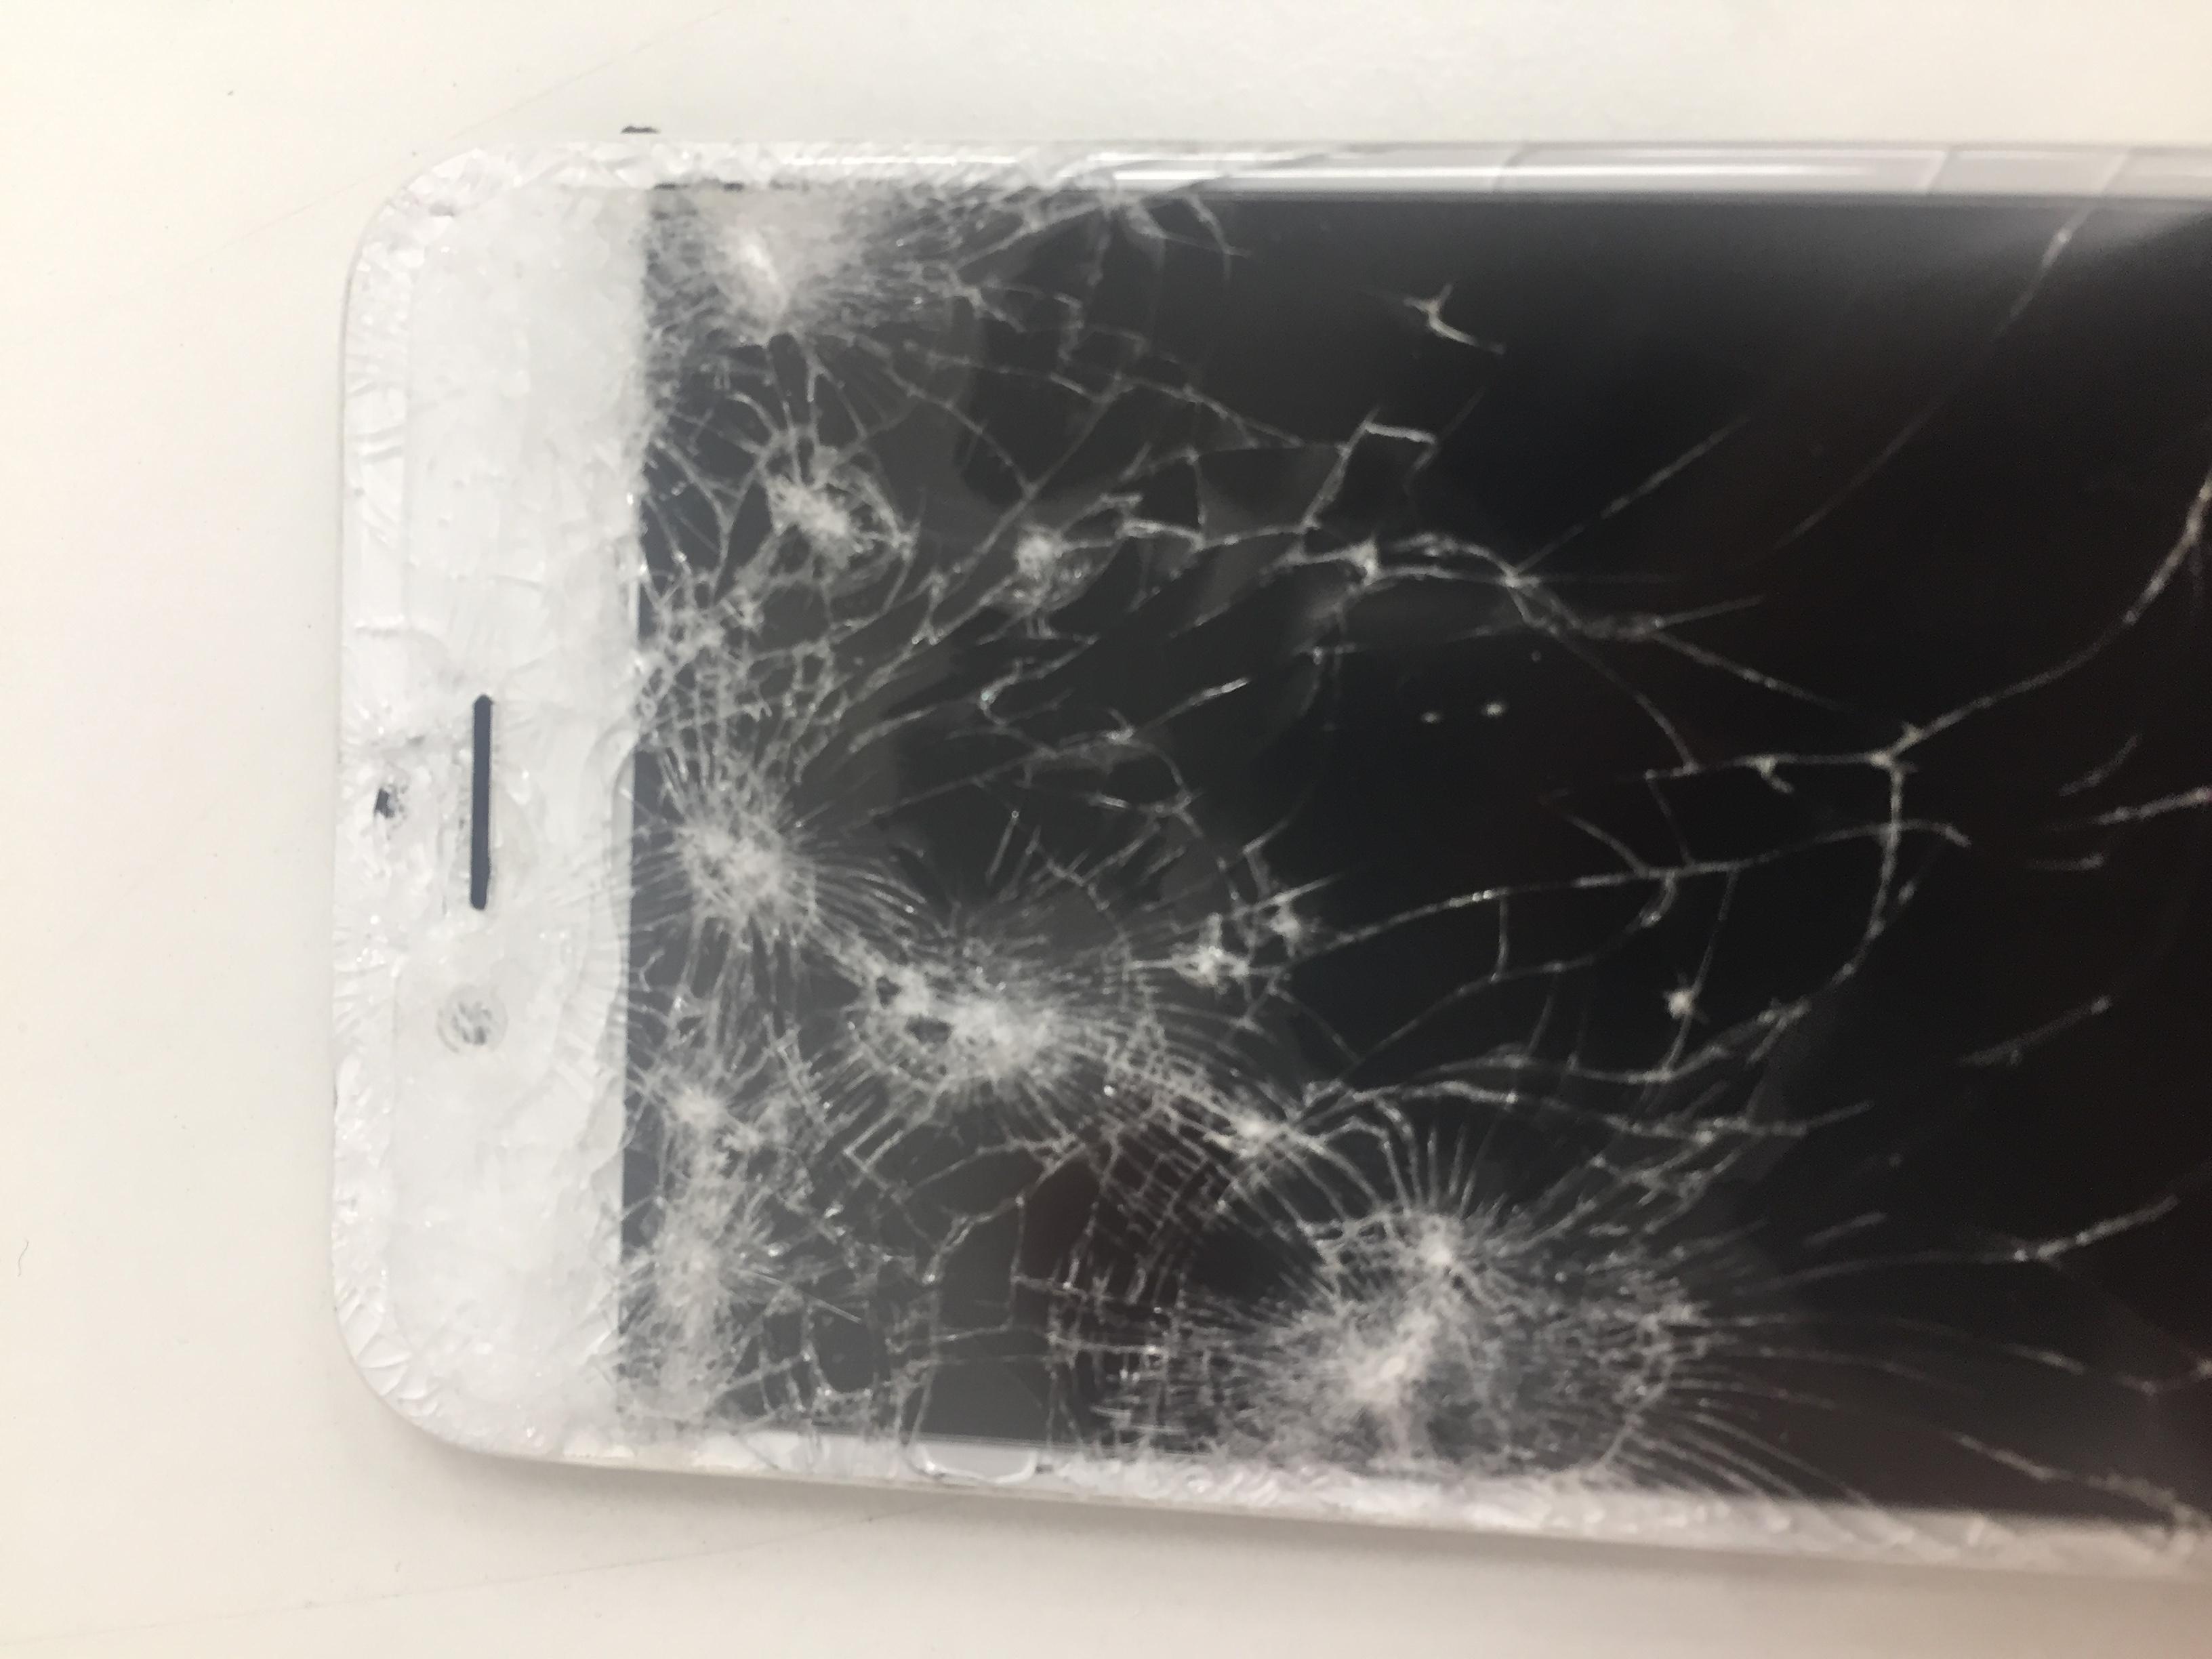 車に轢かれたiPhone